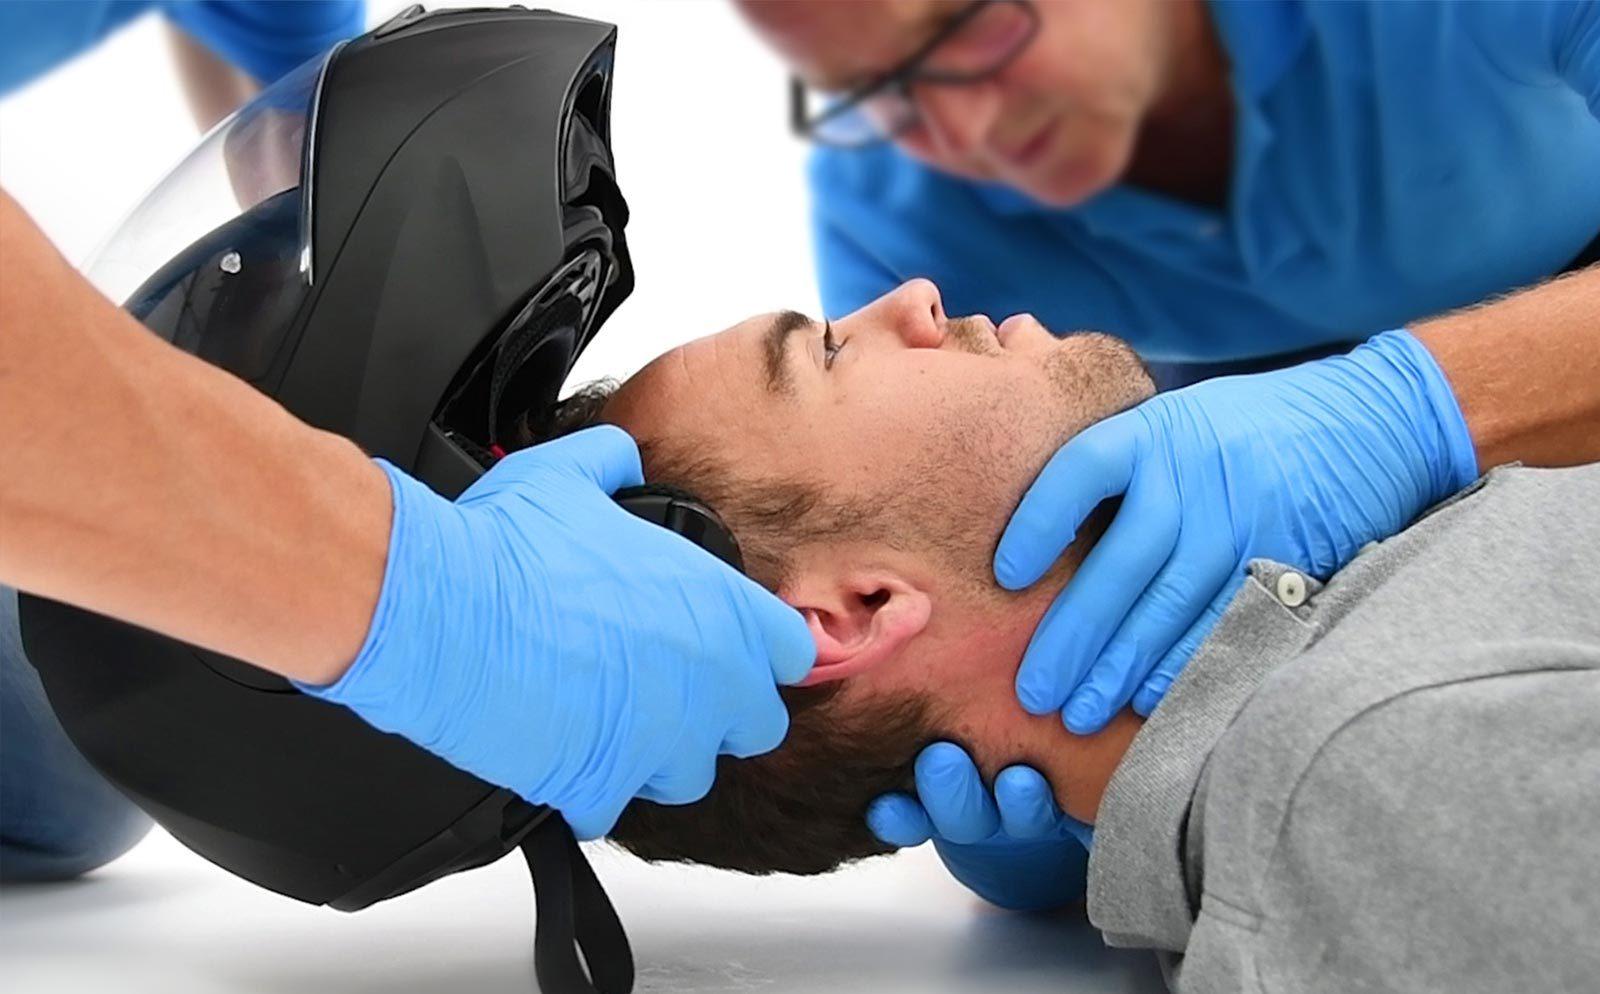 脊椎損傷疑いのアスリートの搬送前措置 (Prehospical Care of the Spine-Injured Athlete)に関する最新推奨事項、その1。_b0112009_15465832.jpg